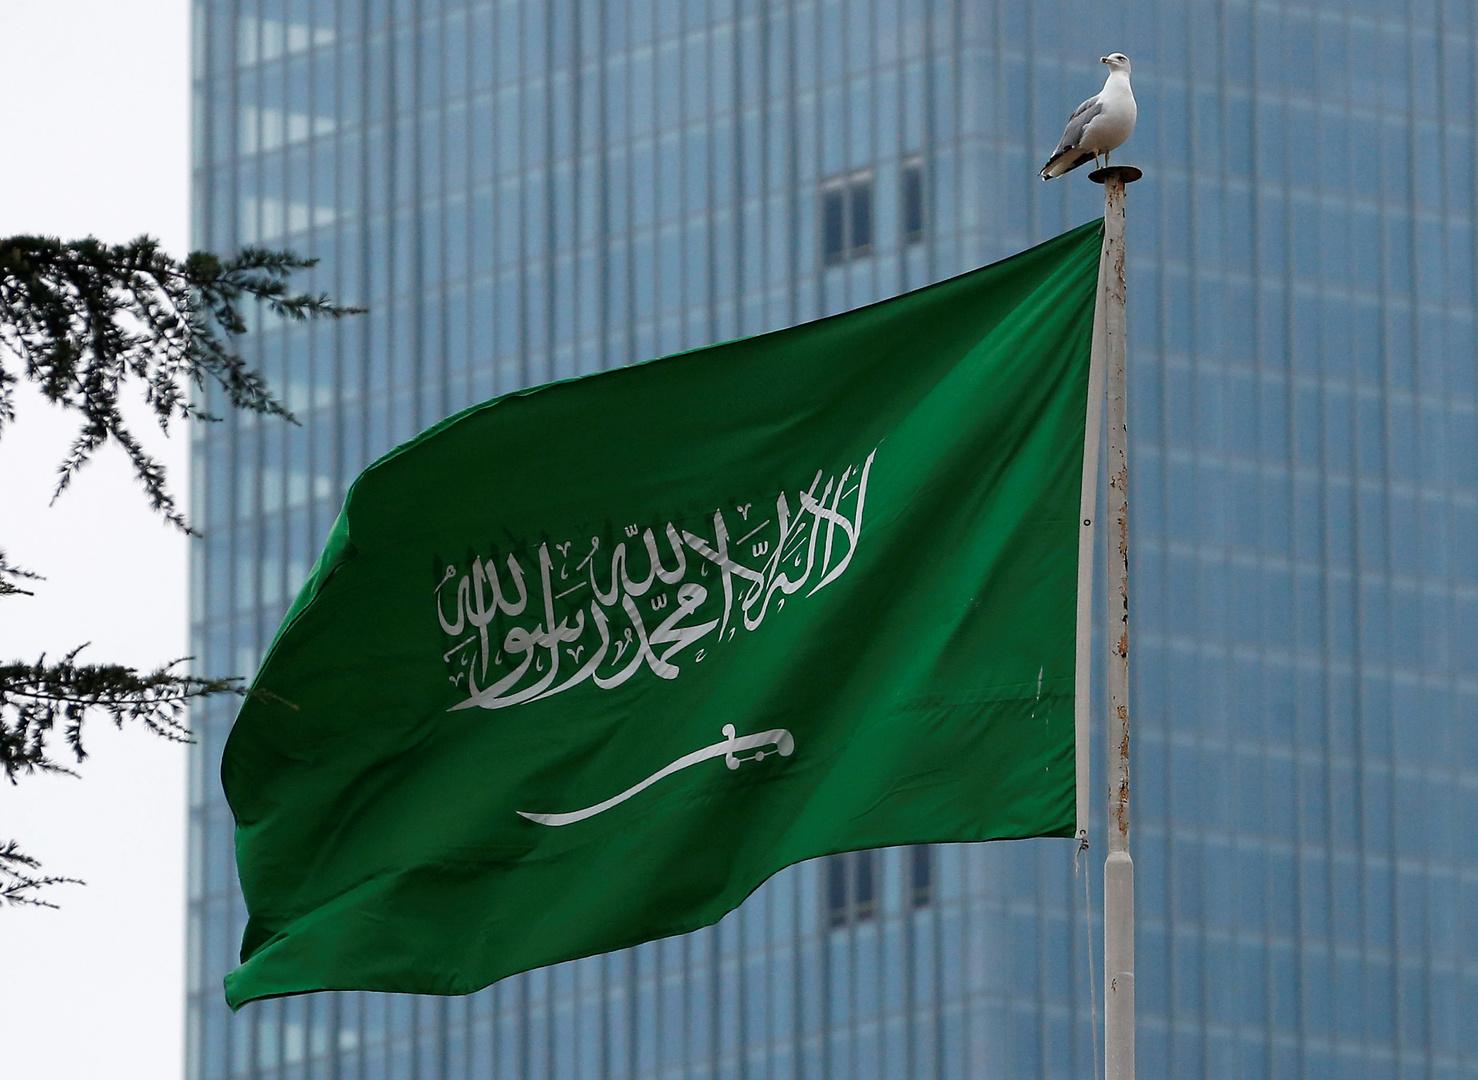 خبير يتحدث عن اتفاق سلام بين إسرائيل والسعودية